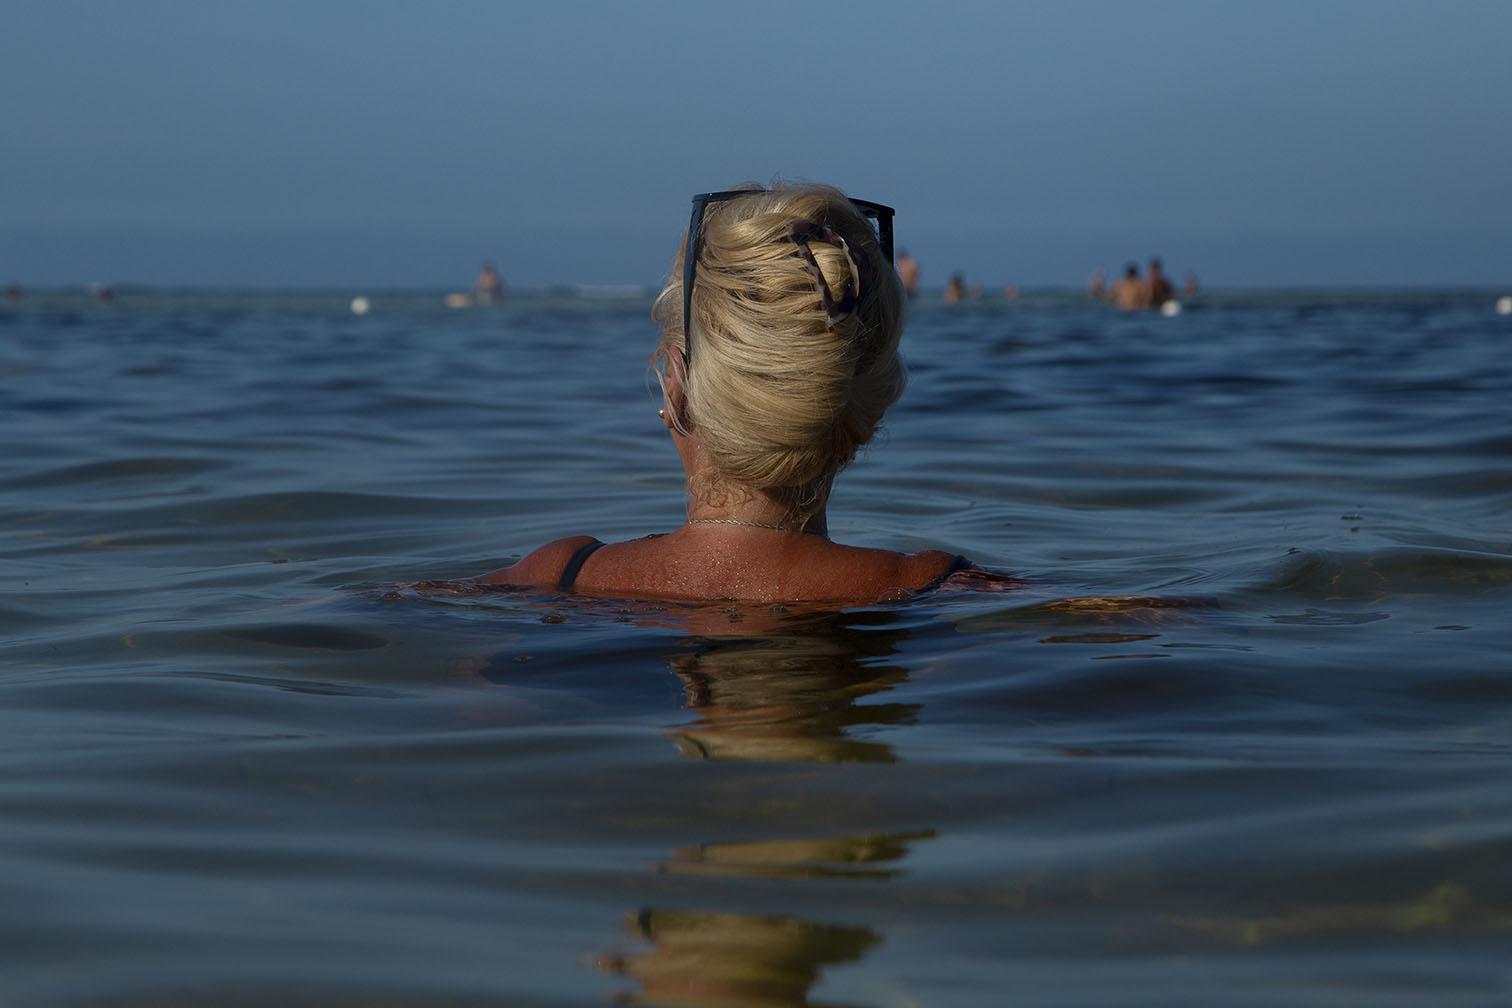 Water is like the skin/El agua es como la piel/